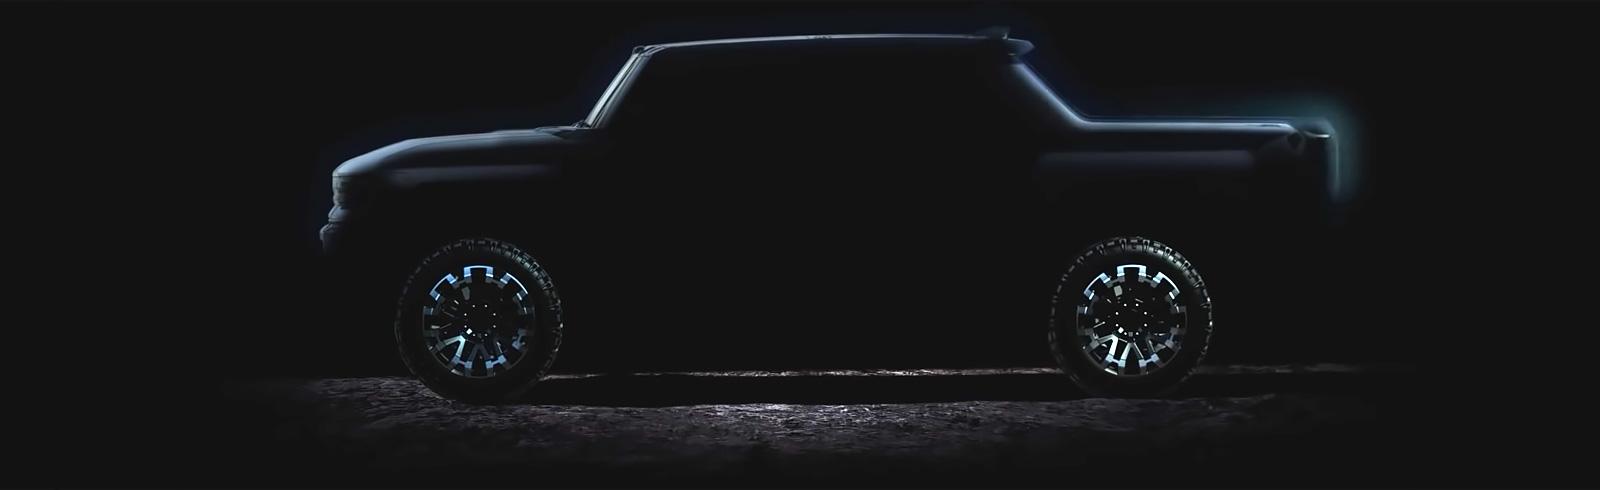 GMC Hummer EV debut details - October 20th at 8 PM ET on several media platforms simultaneously